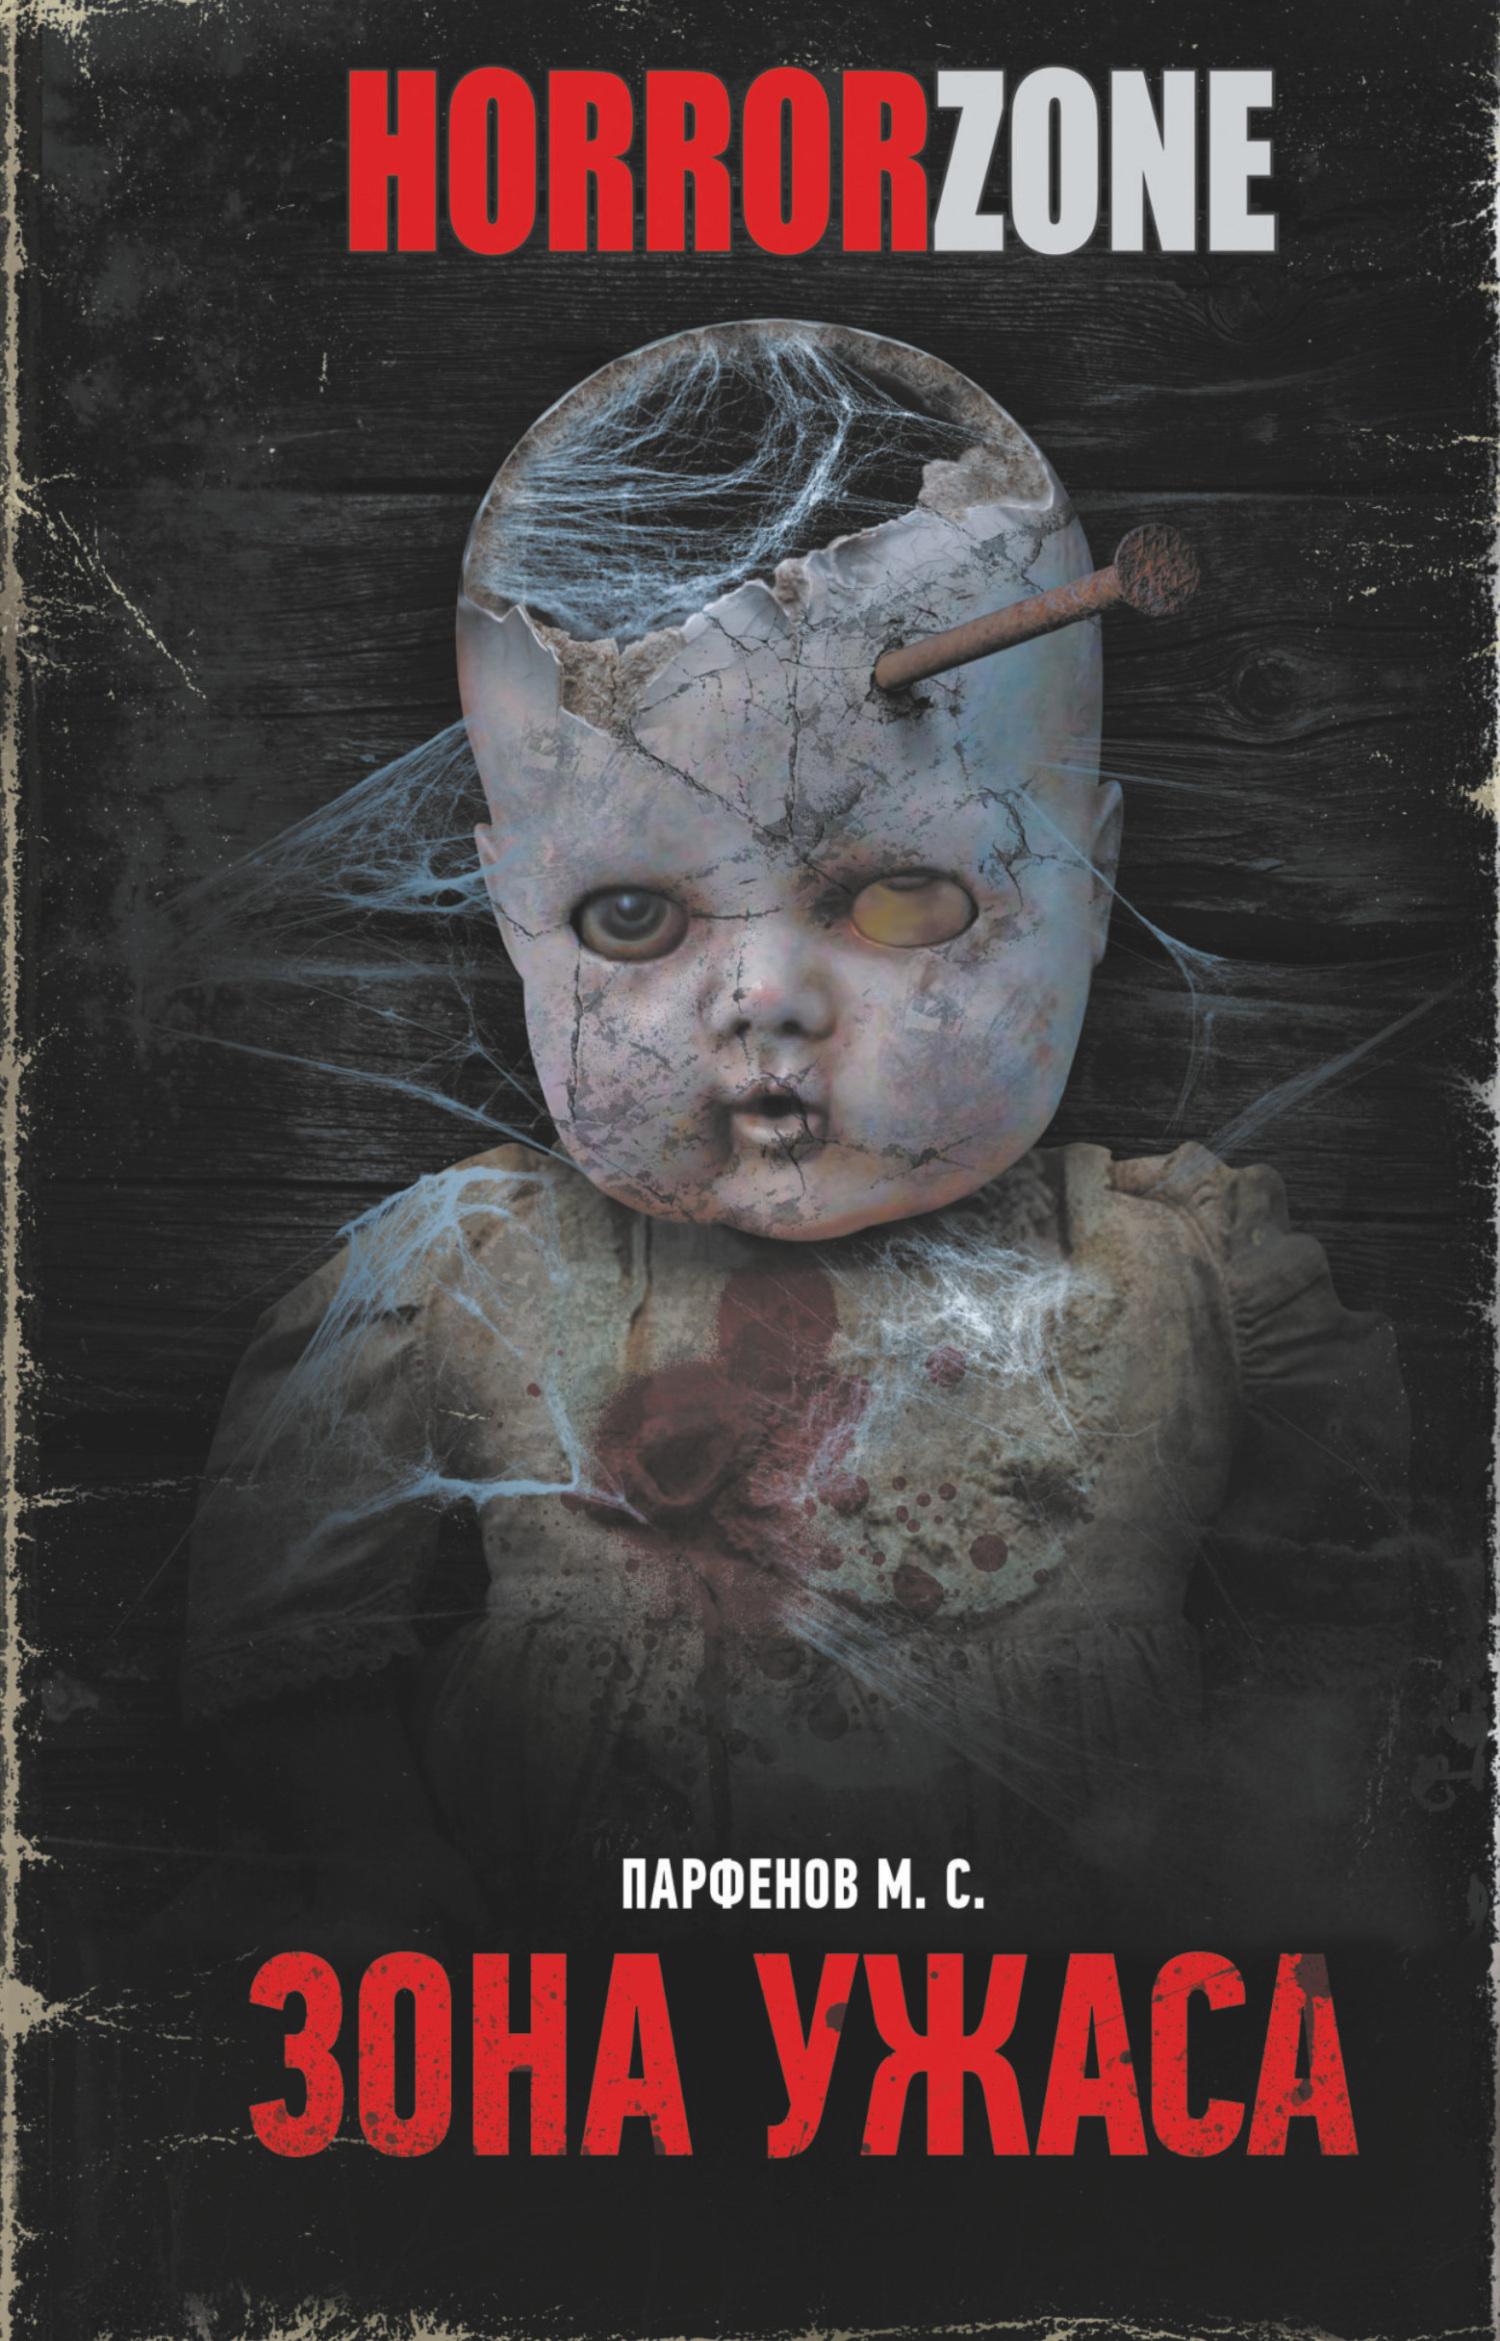 М. С. Парфенов Зона ужаса (сборник) парфенов м с самая страшная книга лучшее сборник